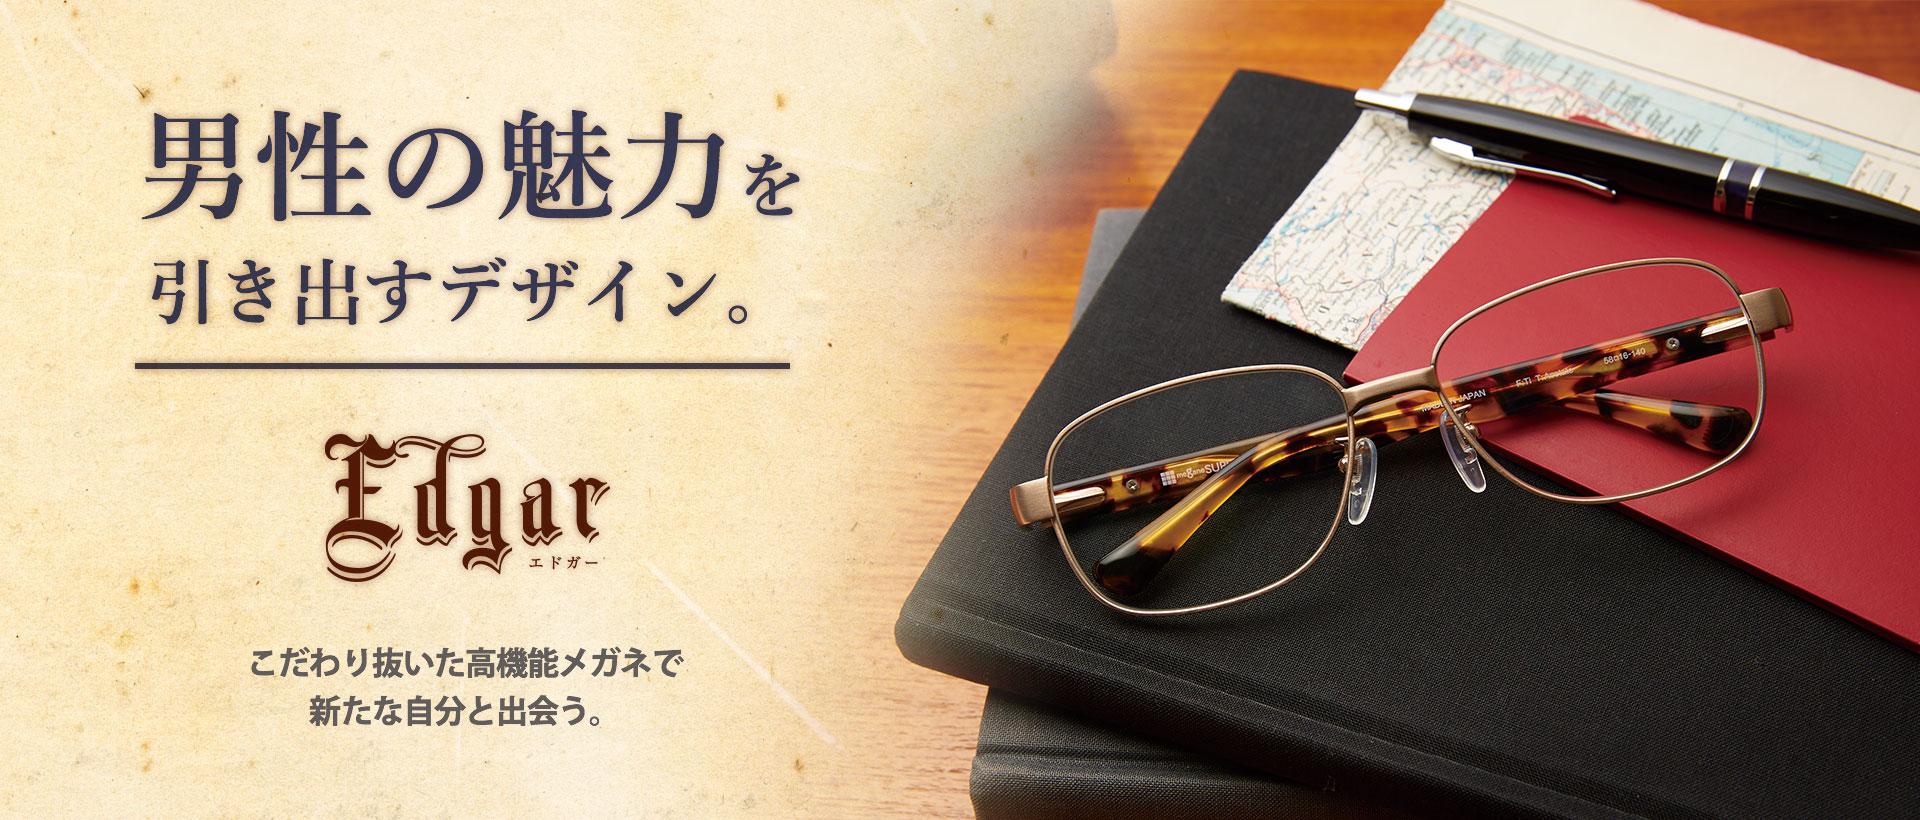 エドガー 男性の魅力を引き出すデザイン。こだわり抜いた高機能メガネで新たな自分と出会う。